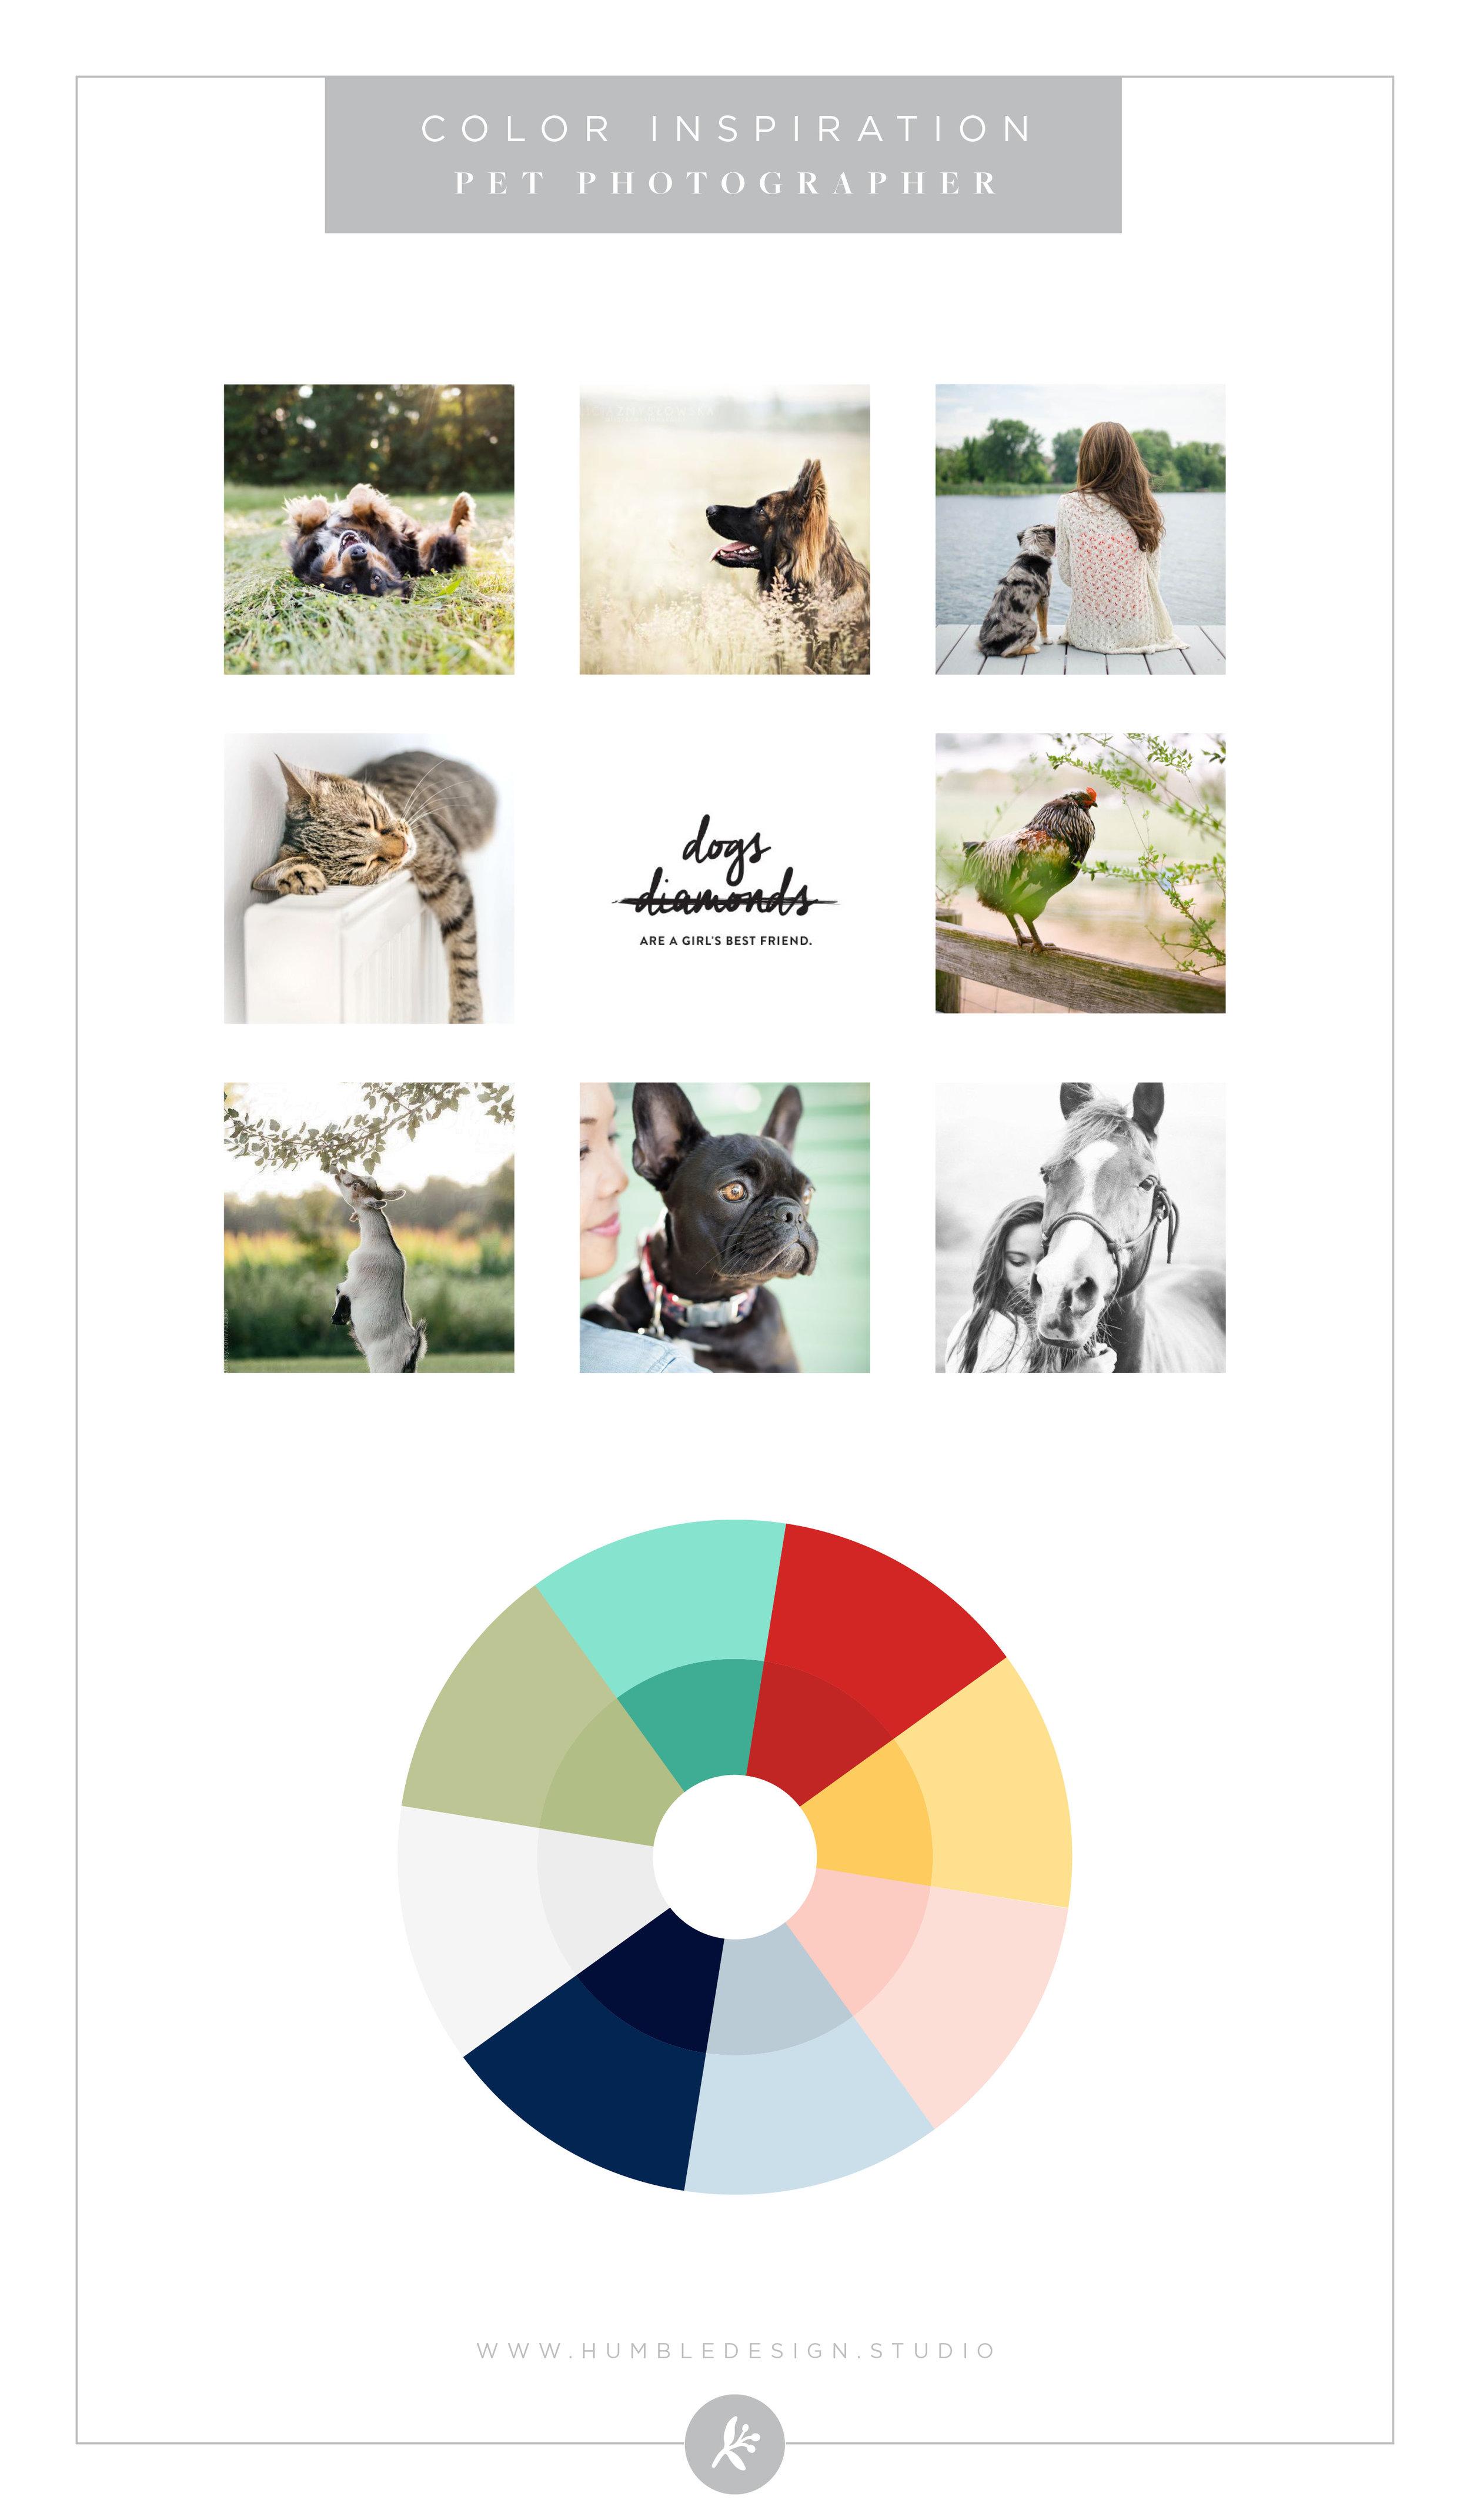 Pet Photographer Color Palette Inspiration